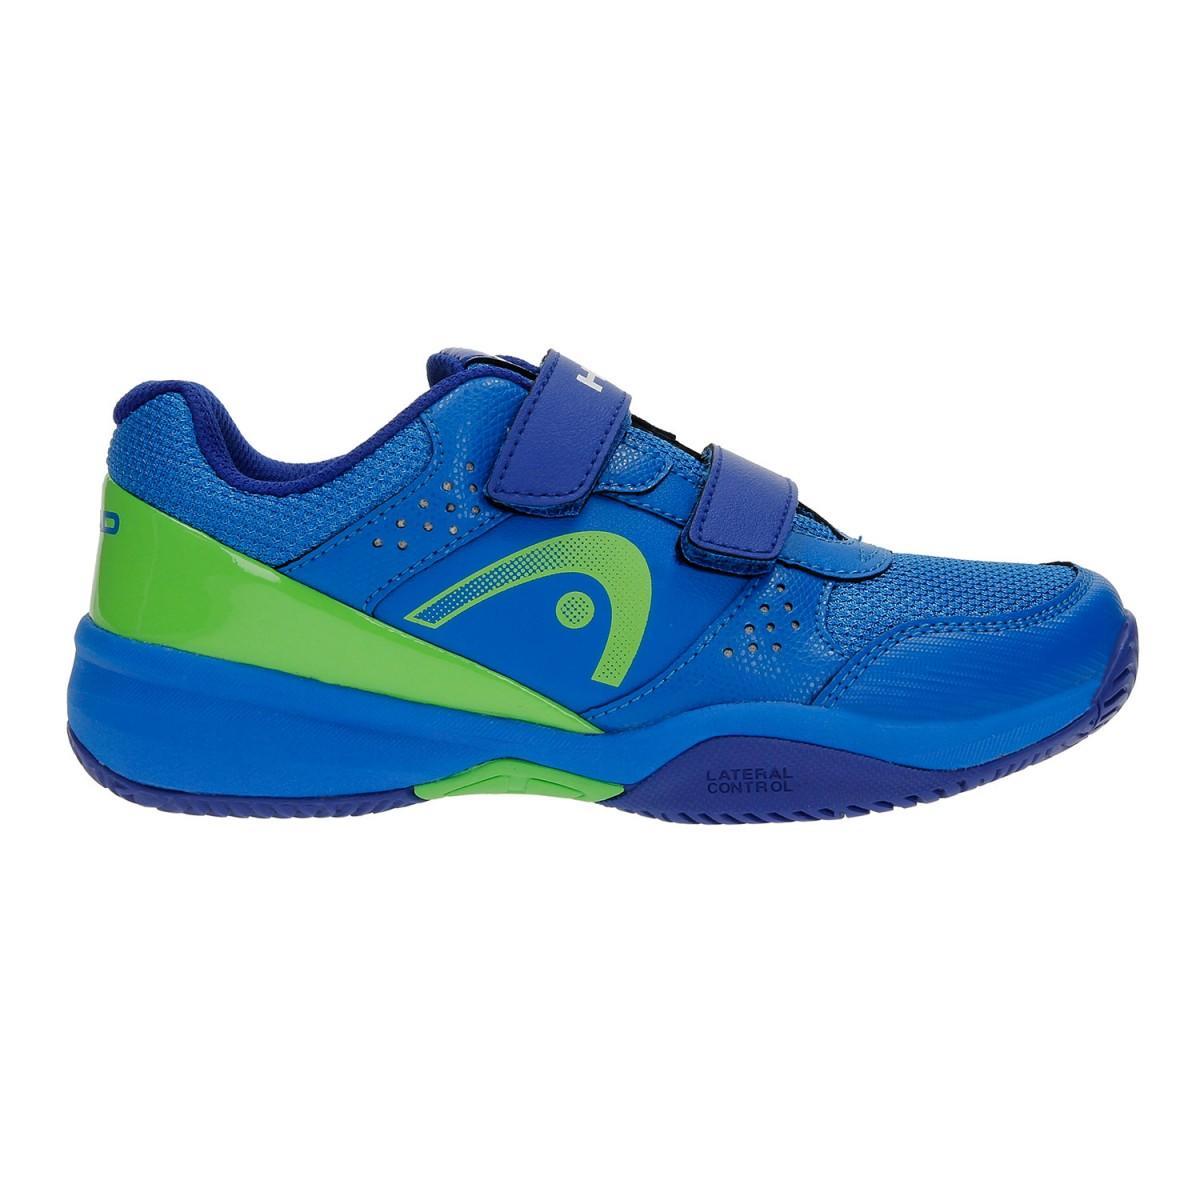 Детские теннисные кроссовки Head Junior Sprint Velcro 2.0 blue/green